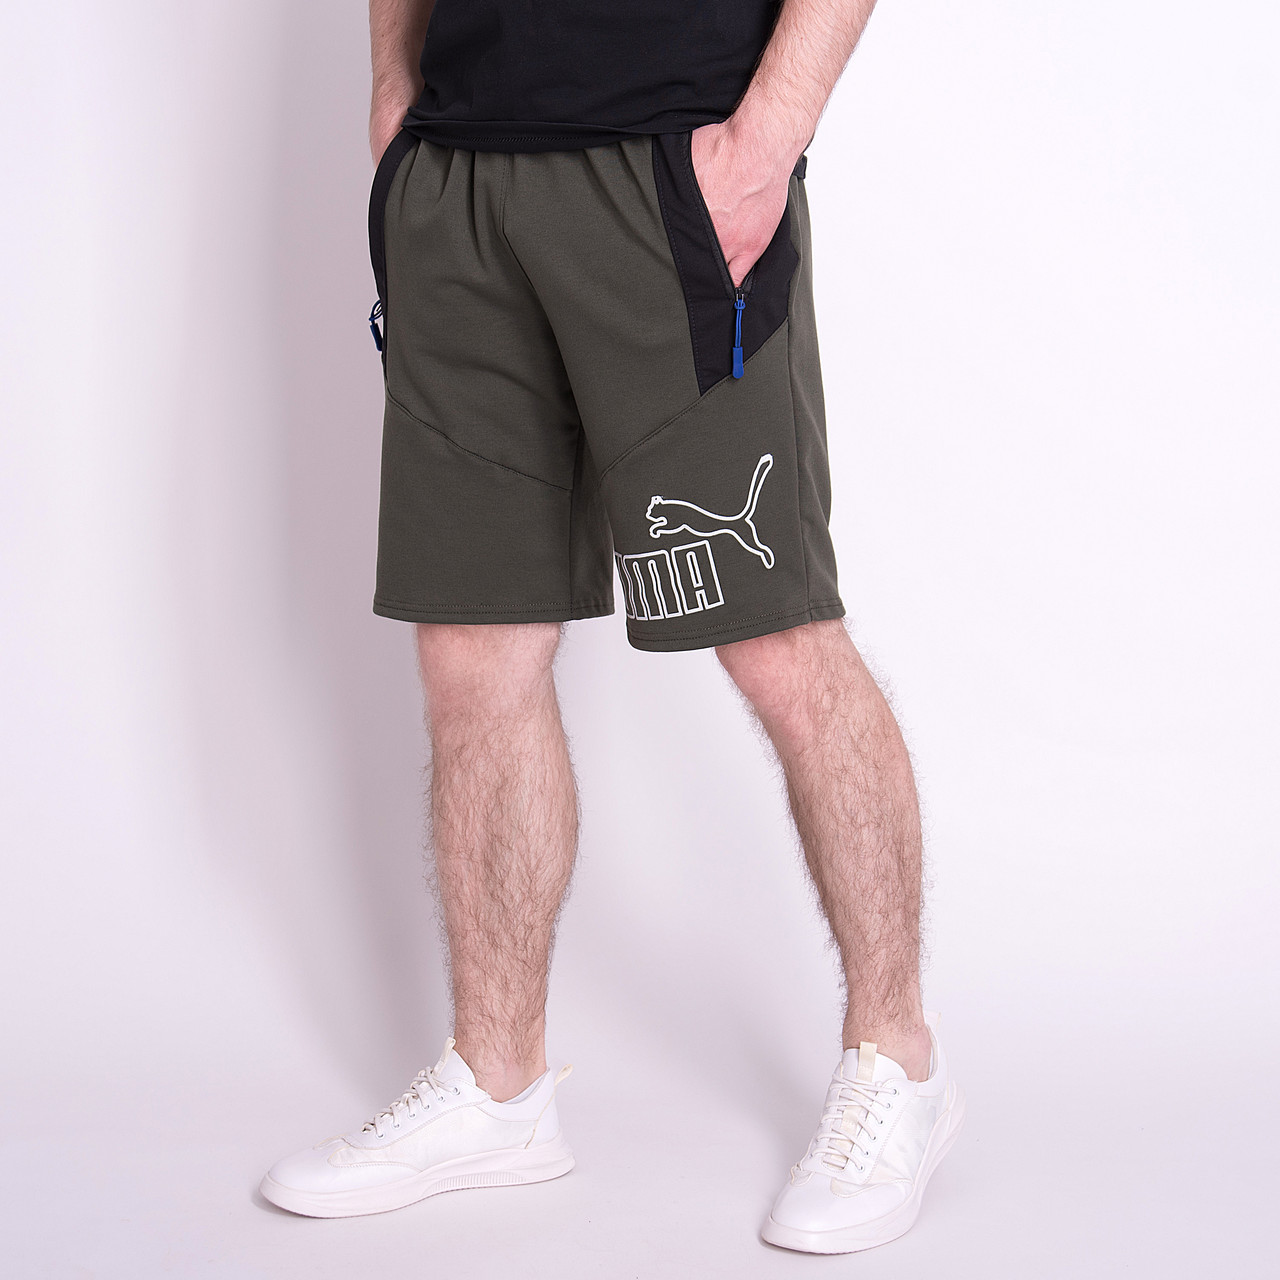 Чоловічі трикотажні шорти PUMA, кольору хакі